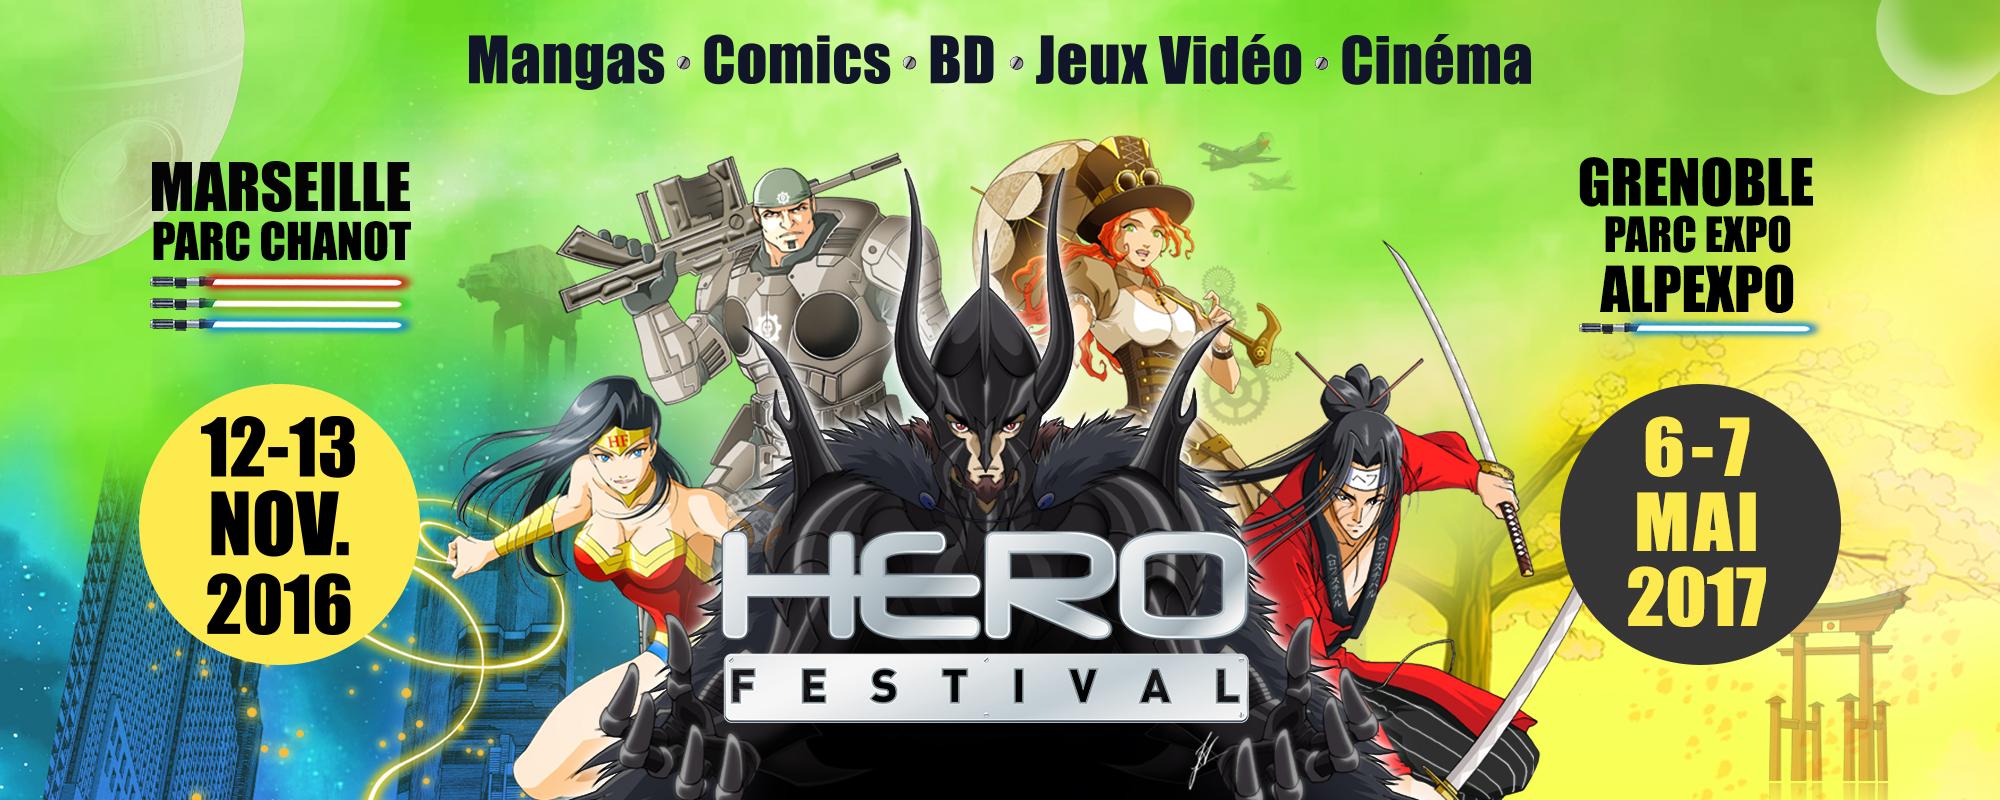 2000x800-V3 Concours - Repartez avec vos places pour le HeroFestival